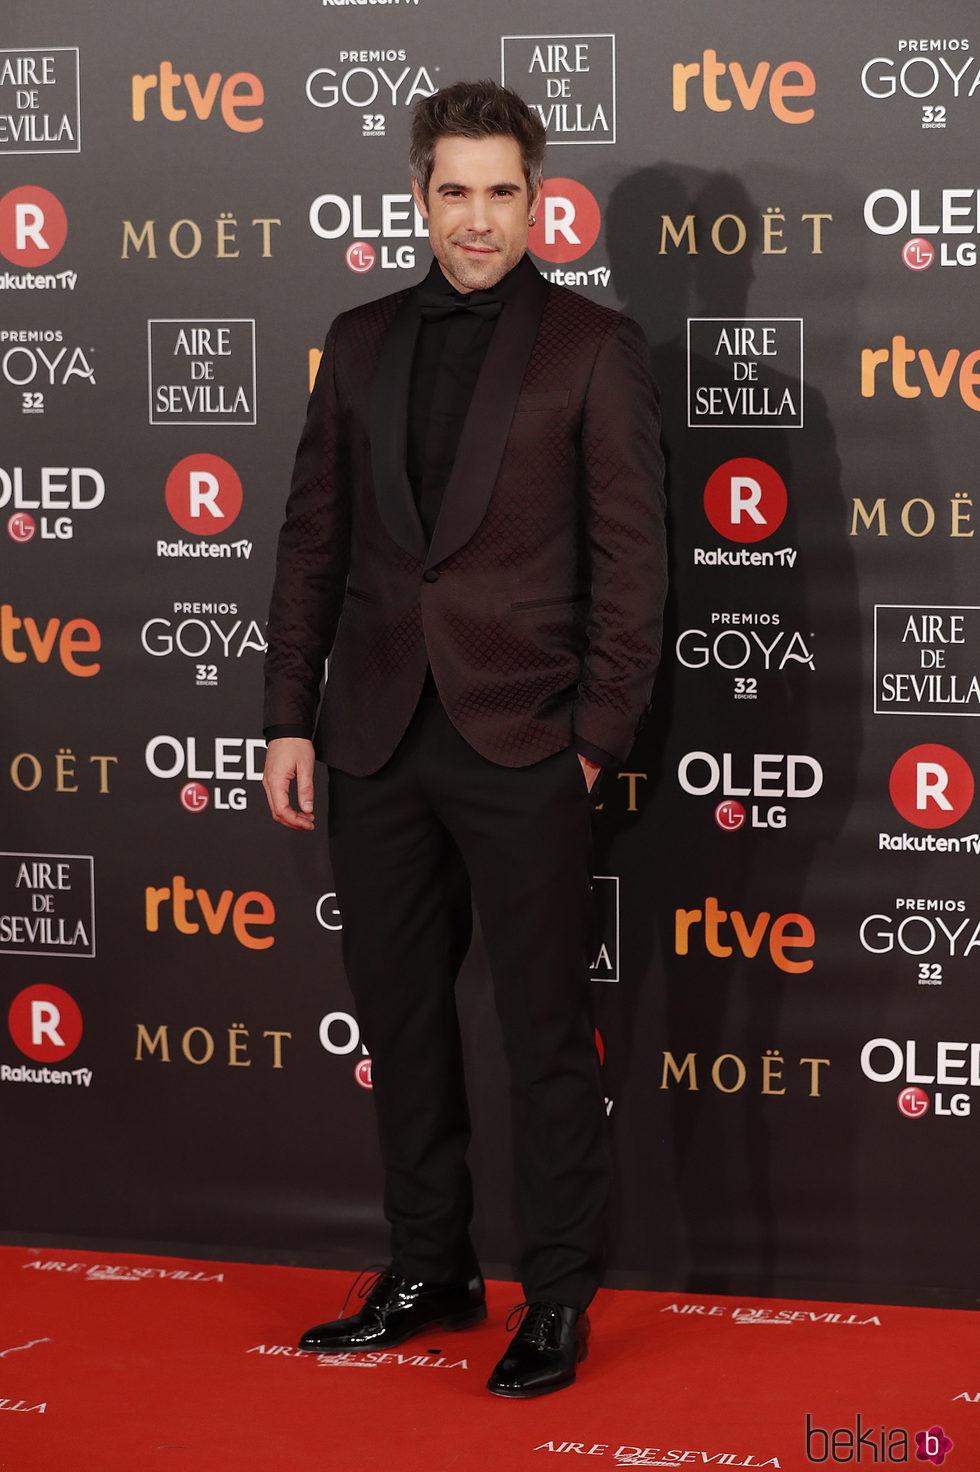 Unax Ugalde en la alfombra roja de los Premios Goya 2018